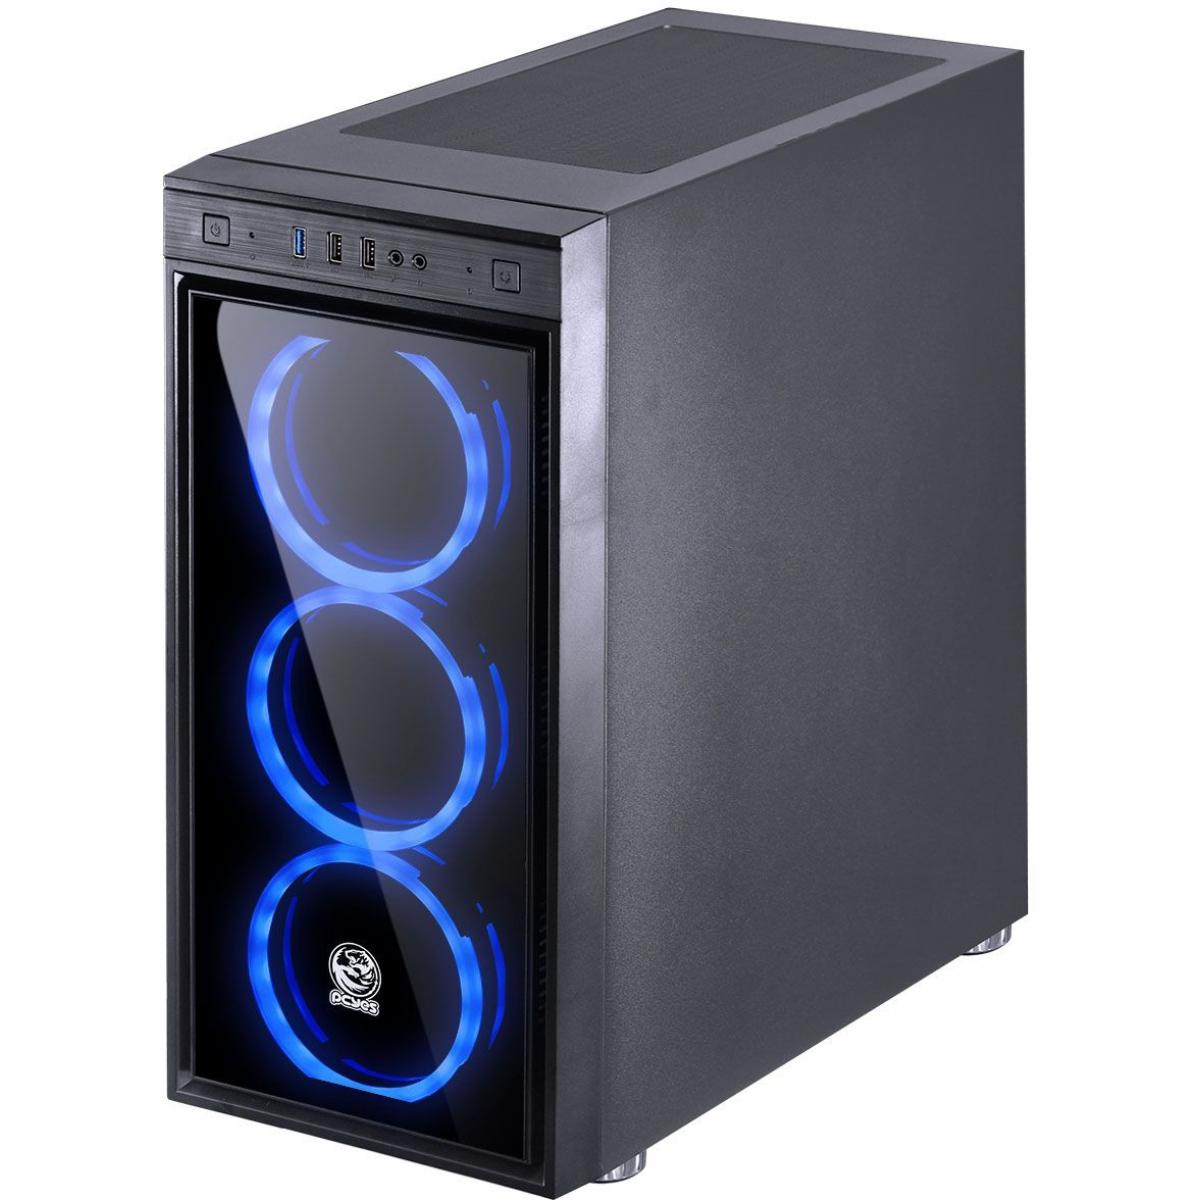 Gabinete Gamer PCyes Jupiter, Mid Tower, Com 3 Fans Blue, Vidro Temperado, Black, S-Fonte,  JUPPTAZ3FCV